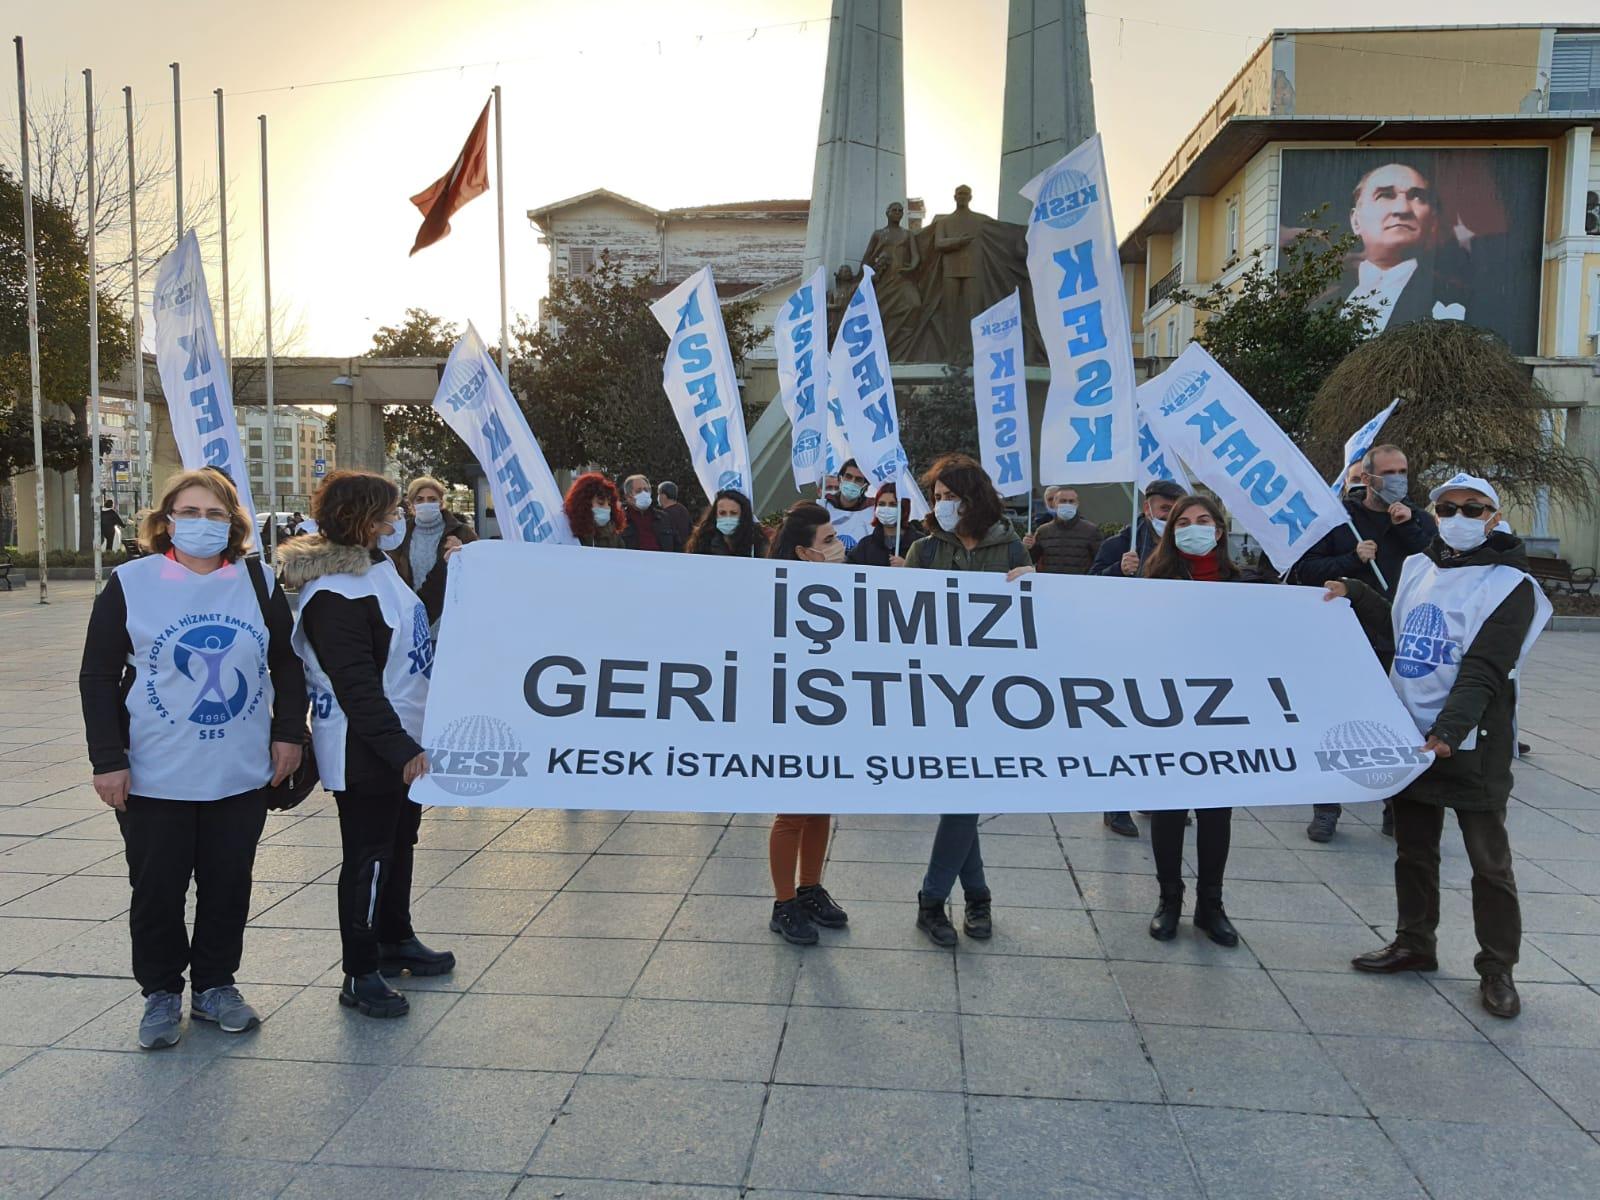 İSTANBUL'DA İHRAÇLAR İÇİN EYLEM YAPILDI